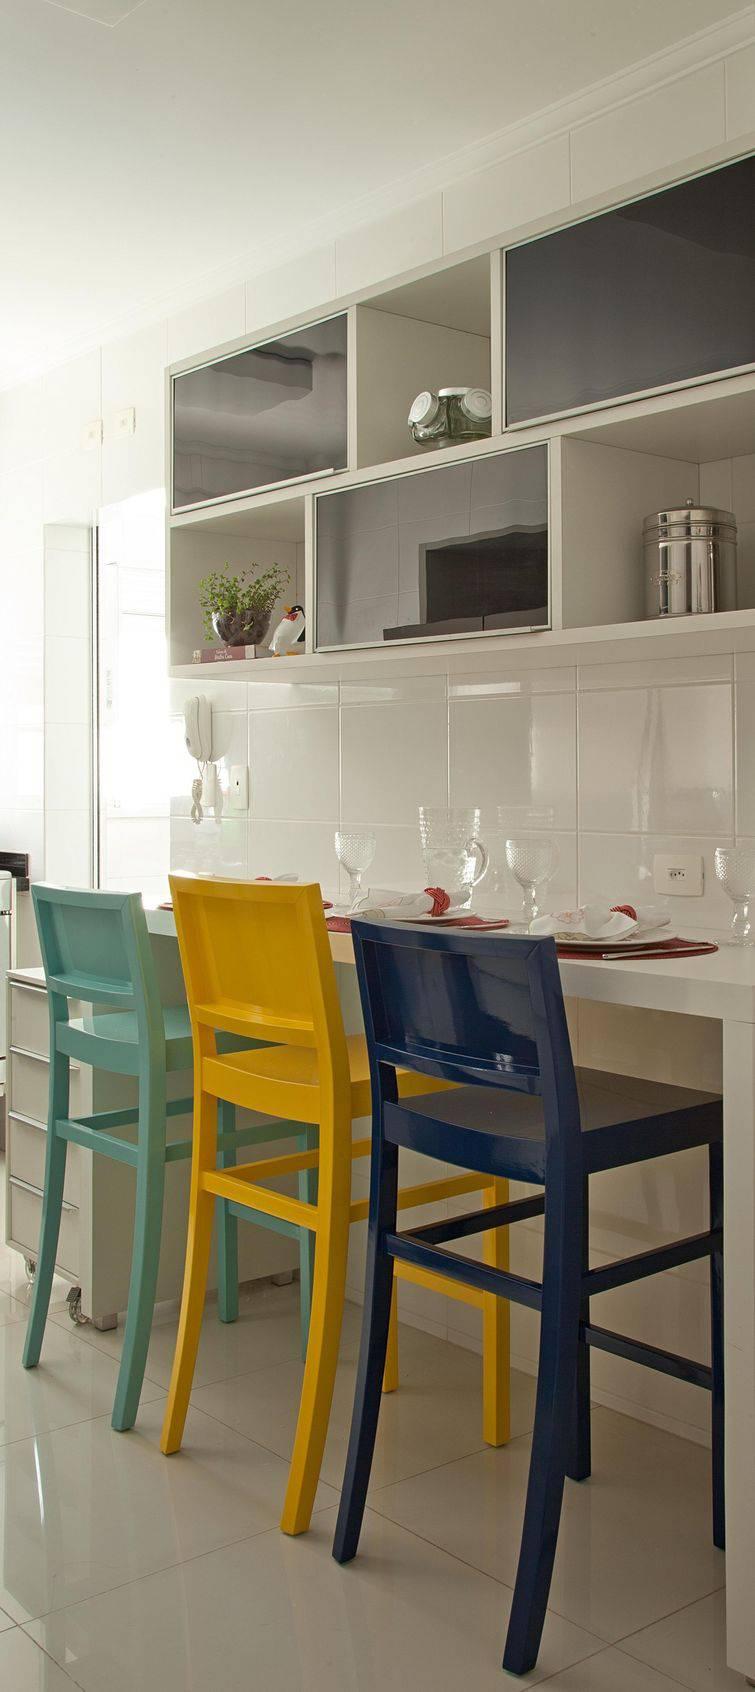 528- Cozinhas pequenas-patricia-kolanian-pasquini-viva-decora